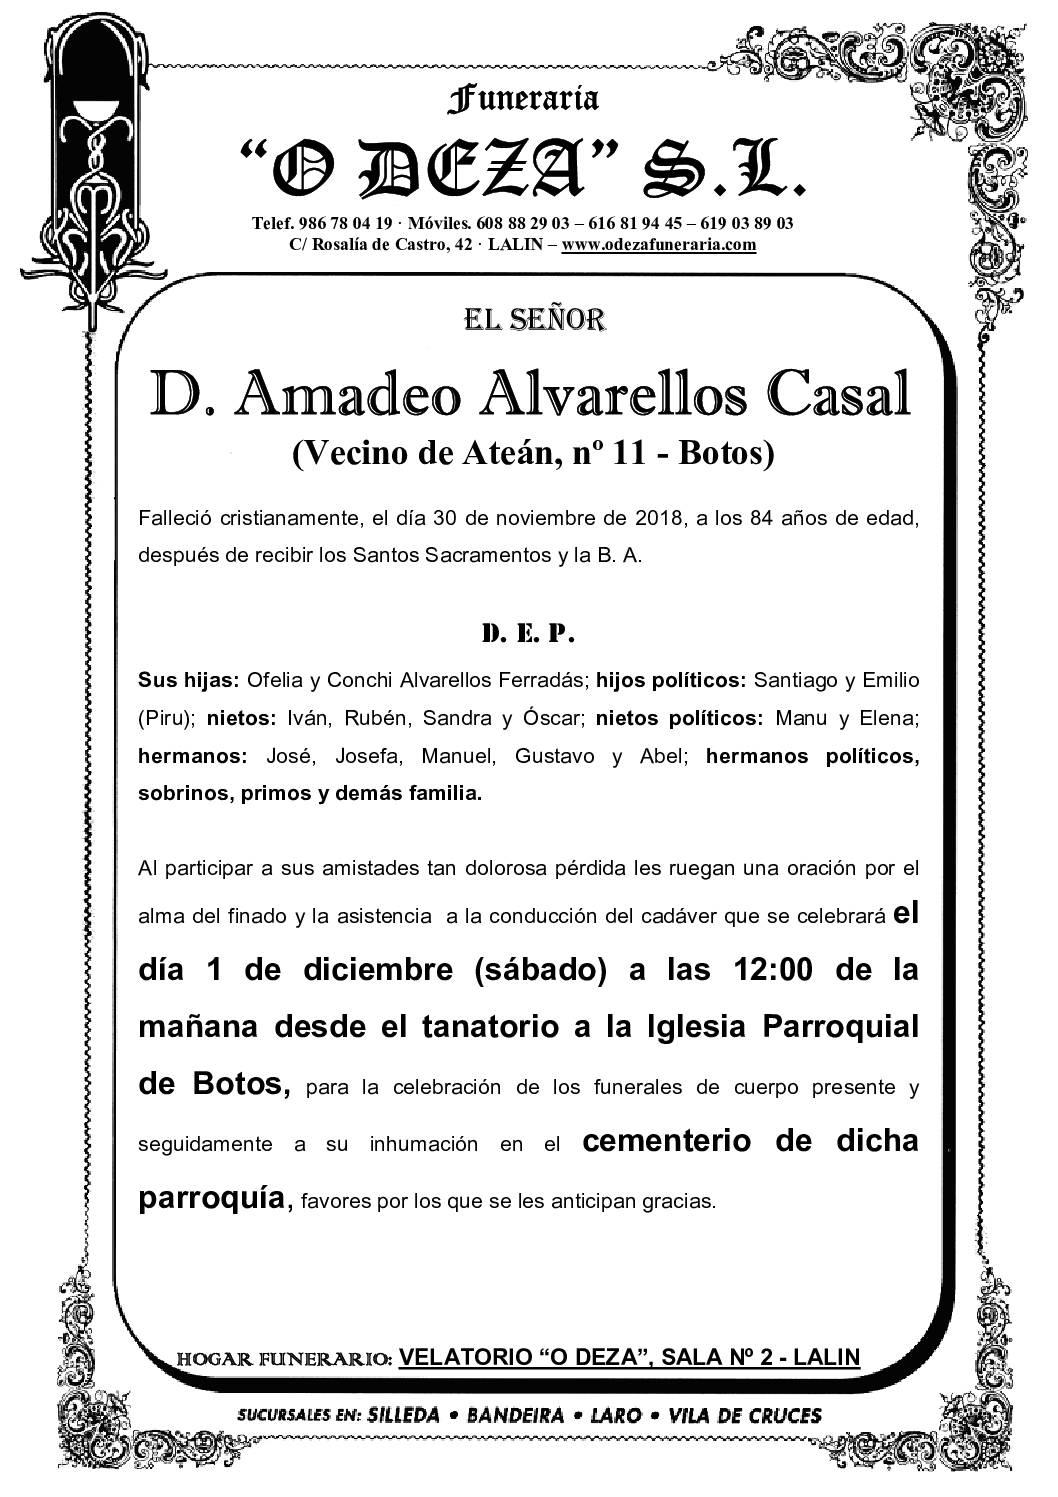 D. AMADEO ALVARELLOS CASAL